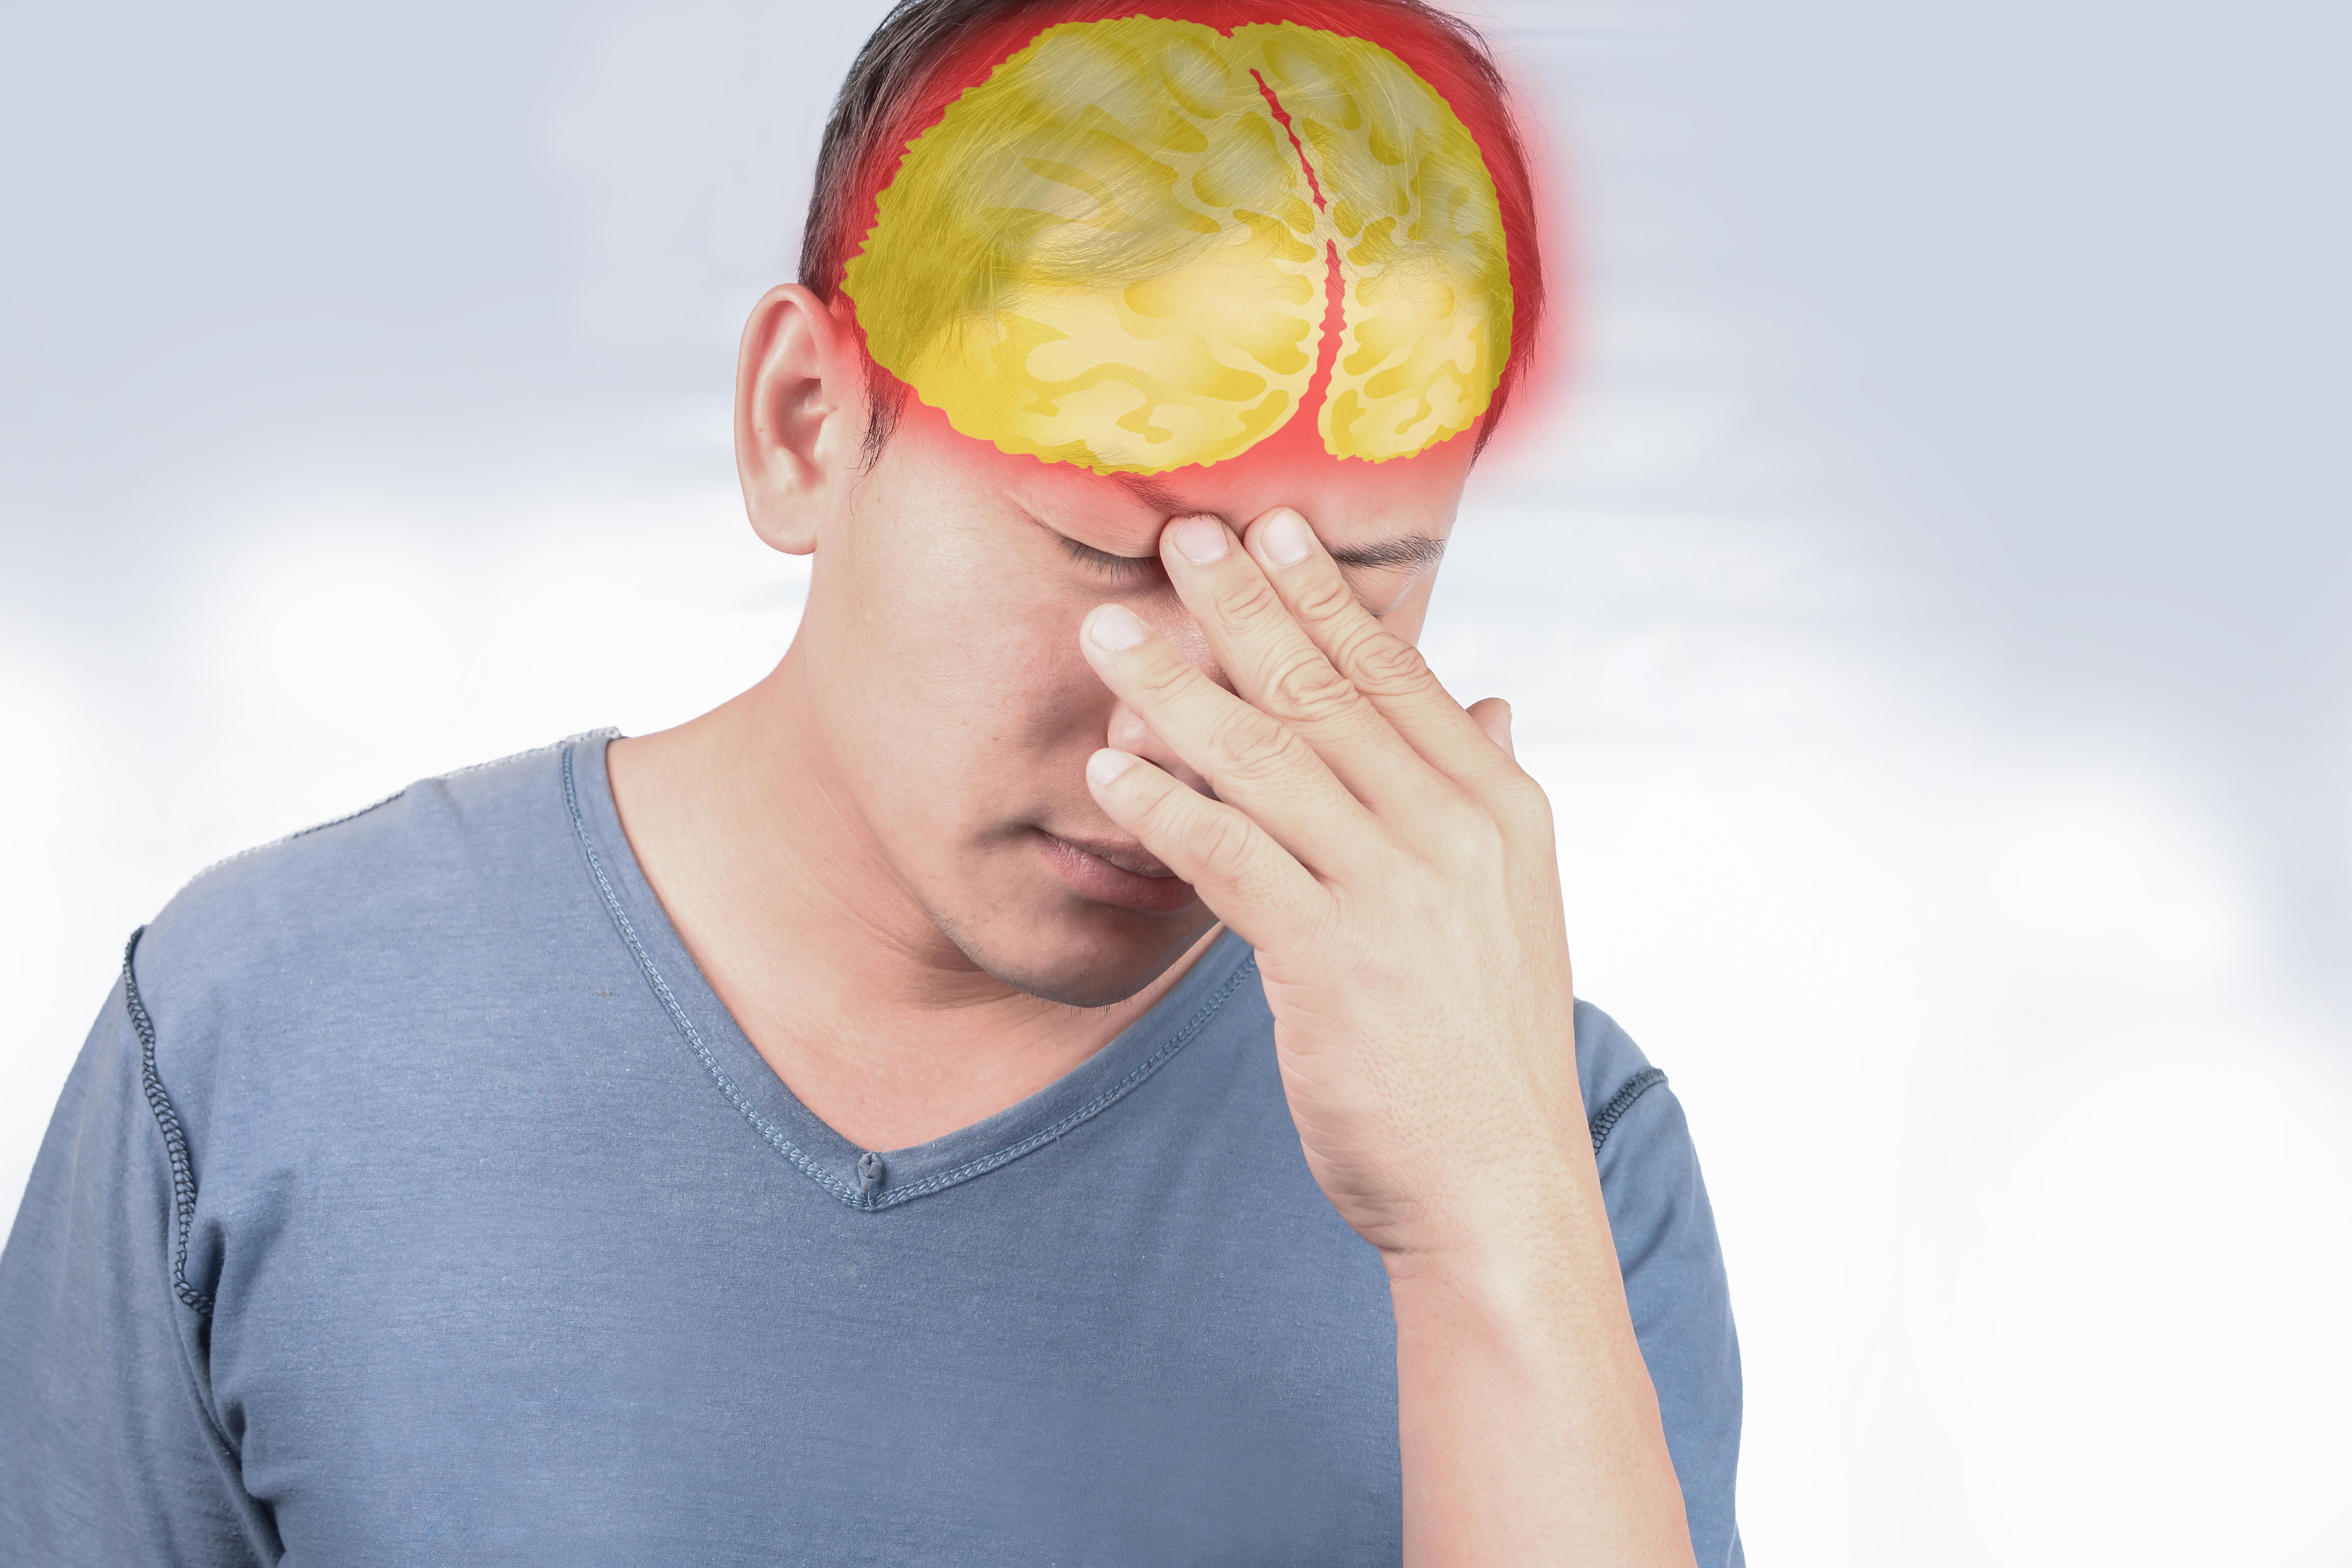 En hjärnskakning beror på ett slag mot huvudet och kan ge upphov till illamående.